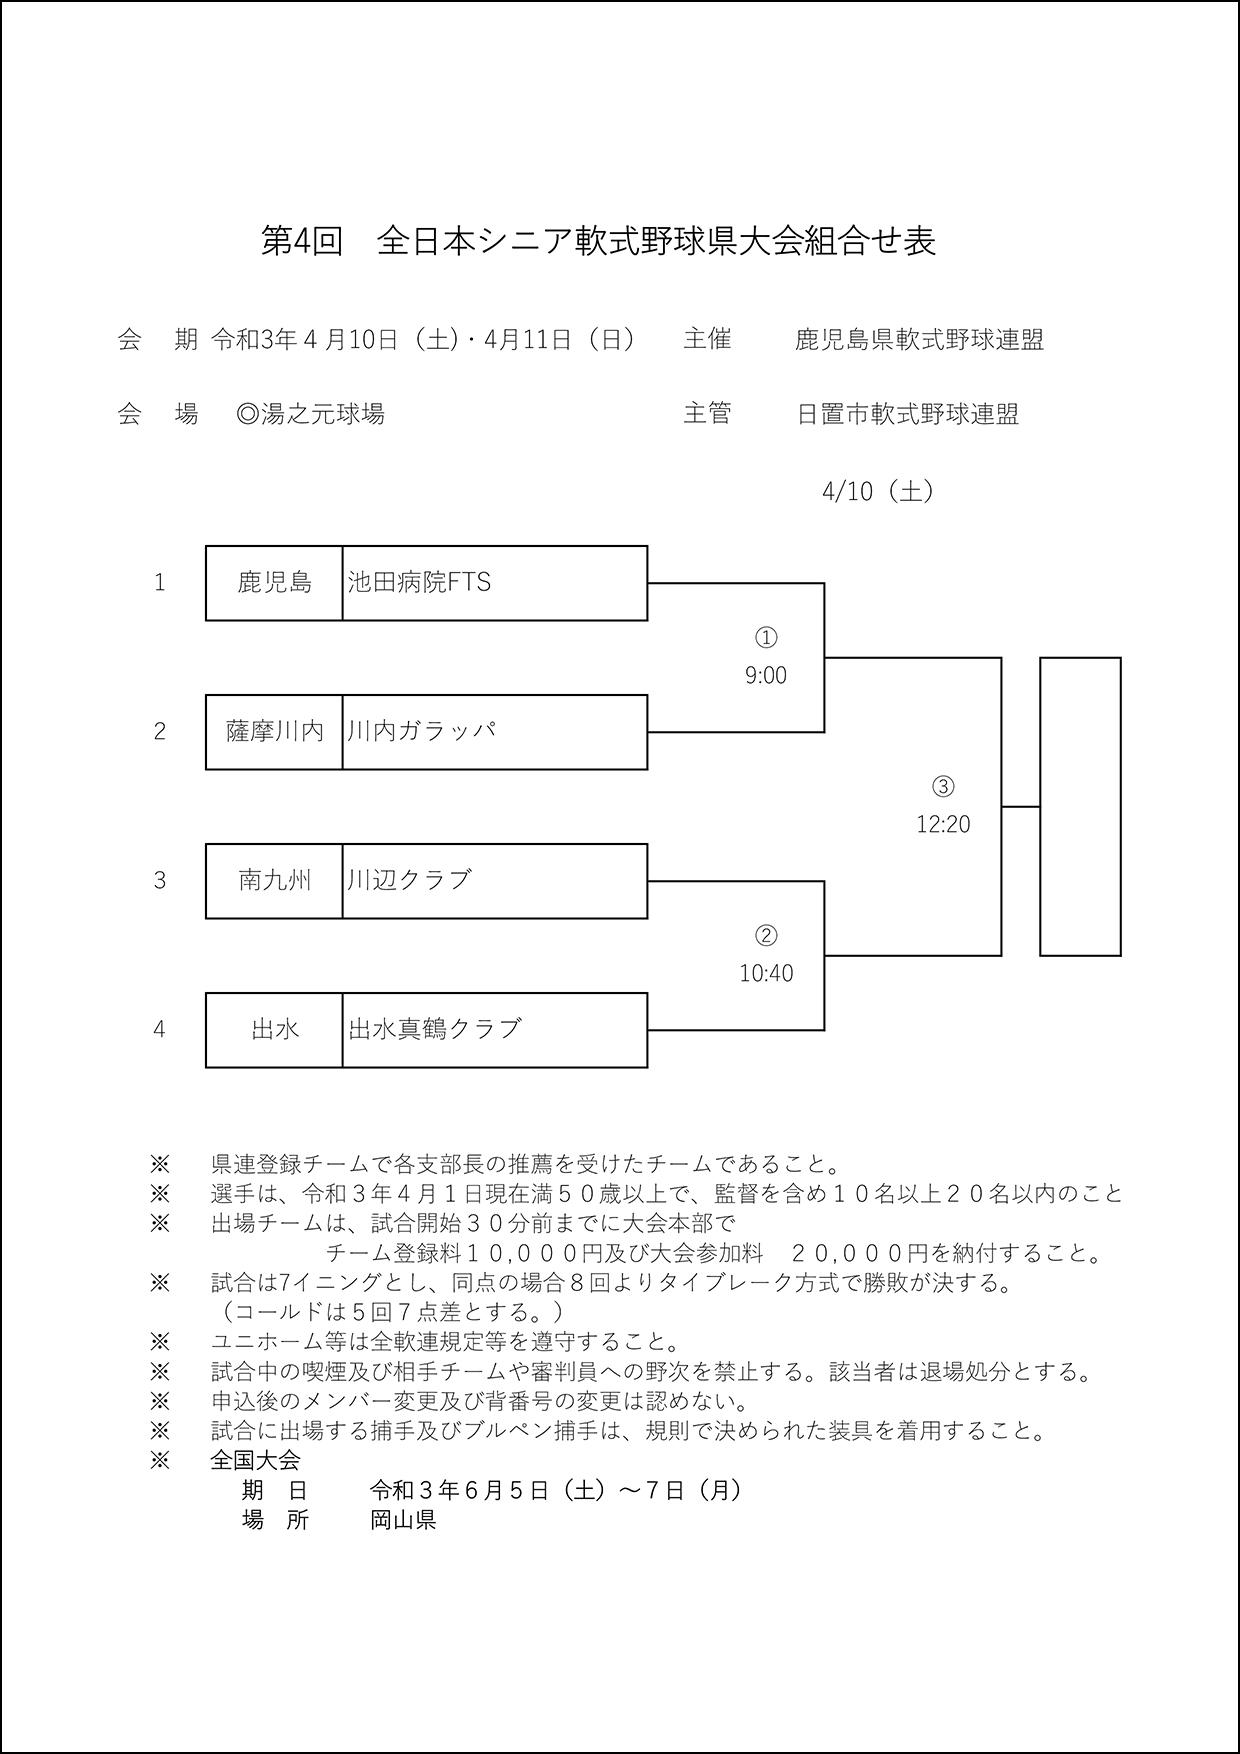 【組合せ】第4回全日本シニア軟式野球県大会